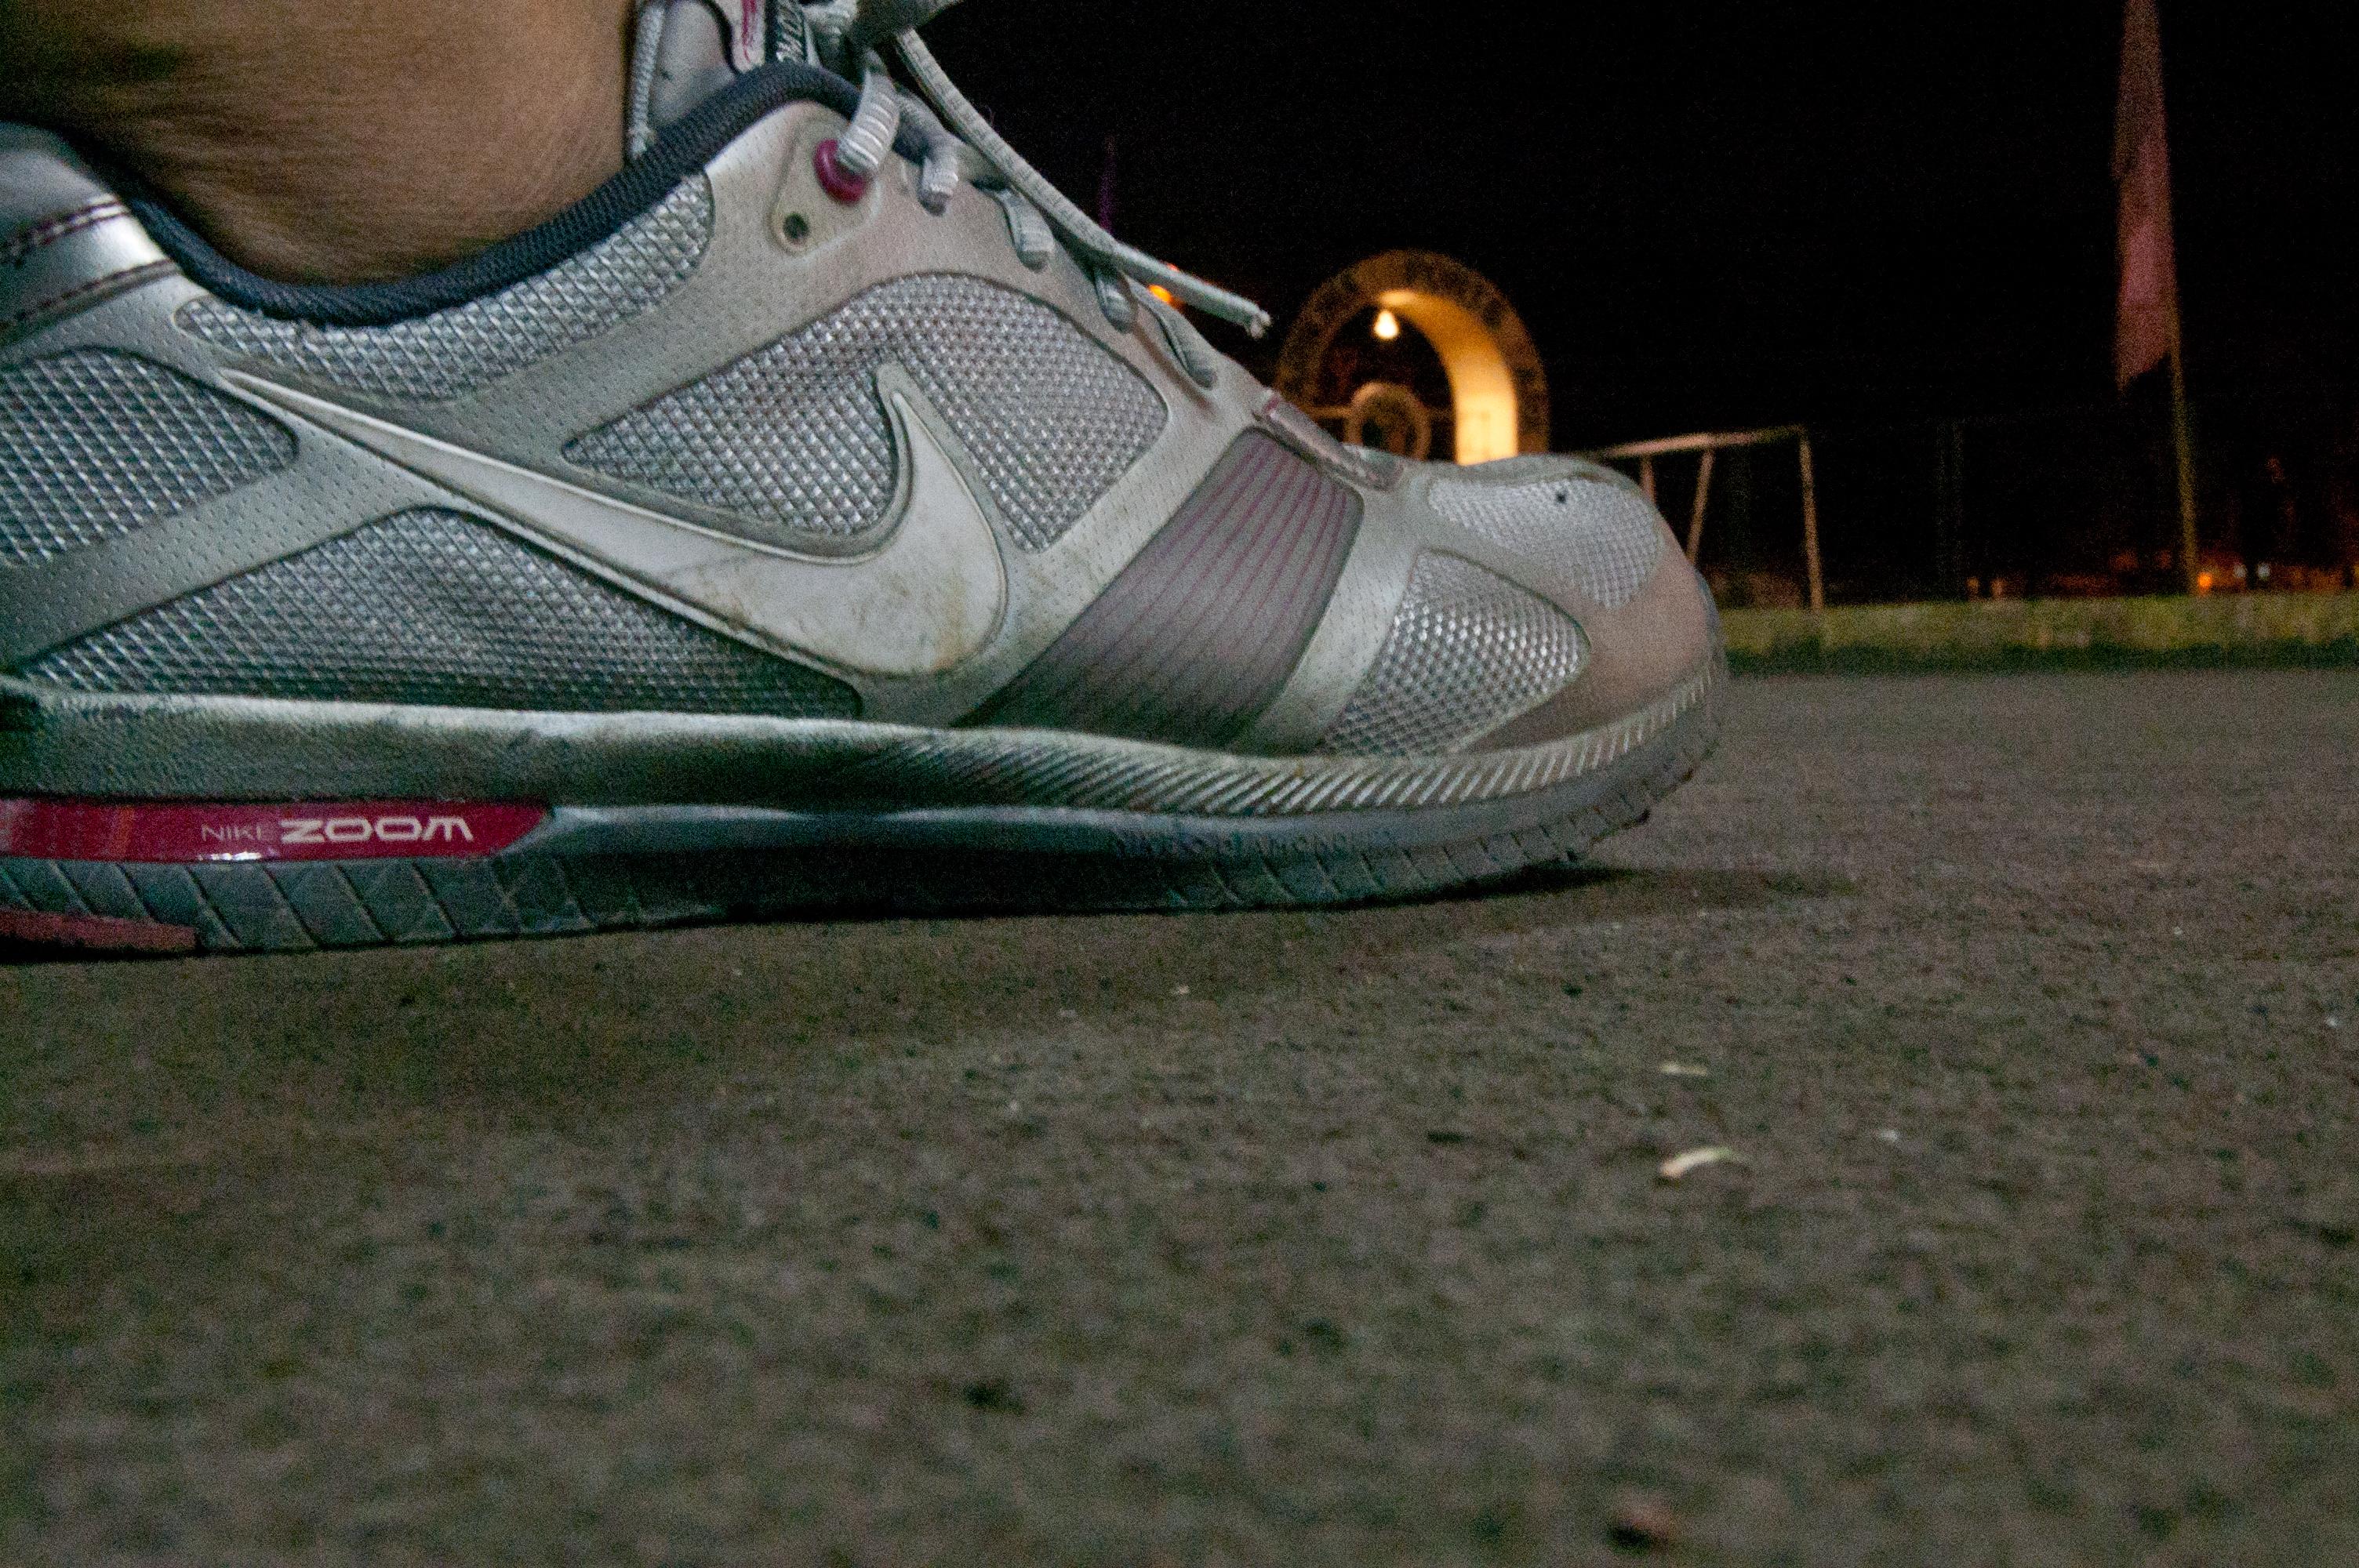 Imagen de una zapatilla de running. Conseguir un calzado adecuado para empezar a practicar running es imprescindible para cuidar los pies y rodillas